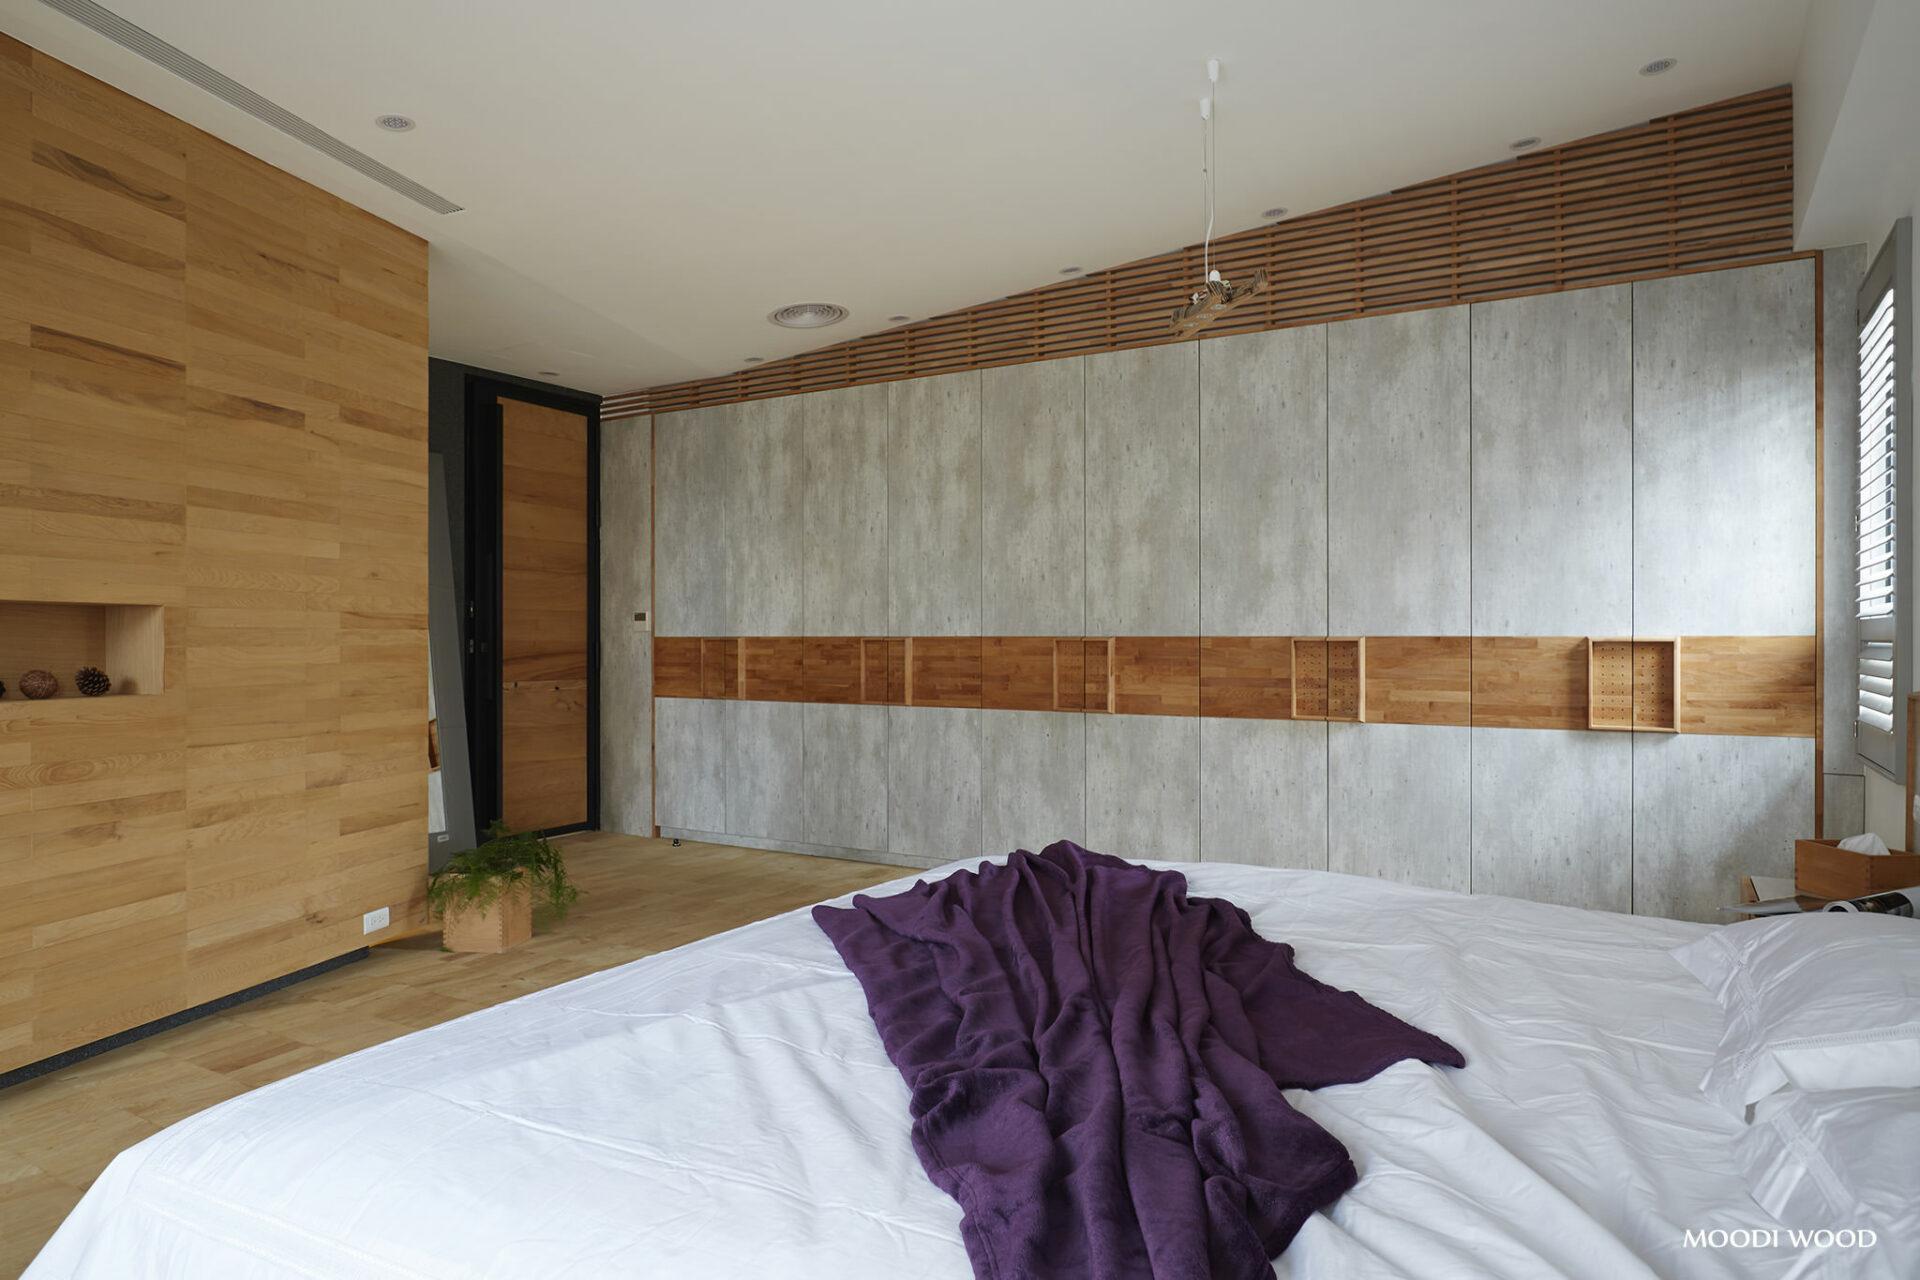 moodi-wood_kaohsiung-featured_2048pix_7291